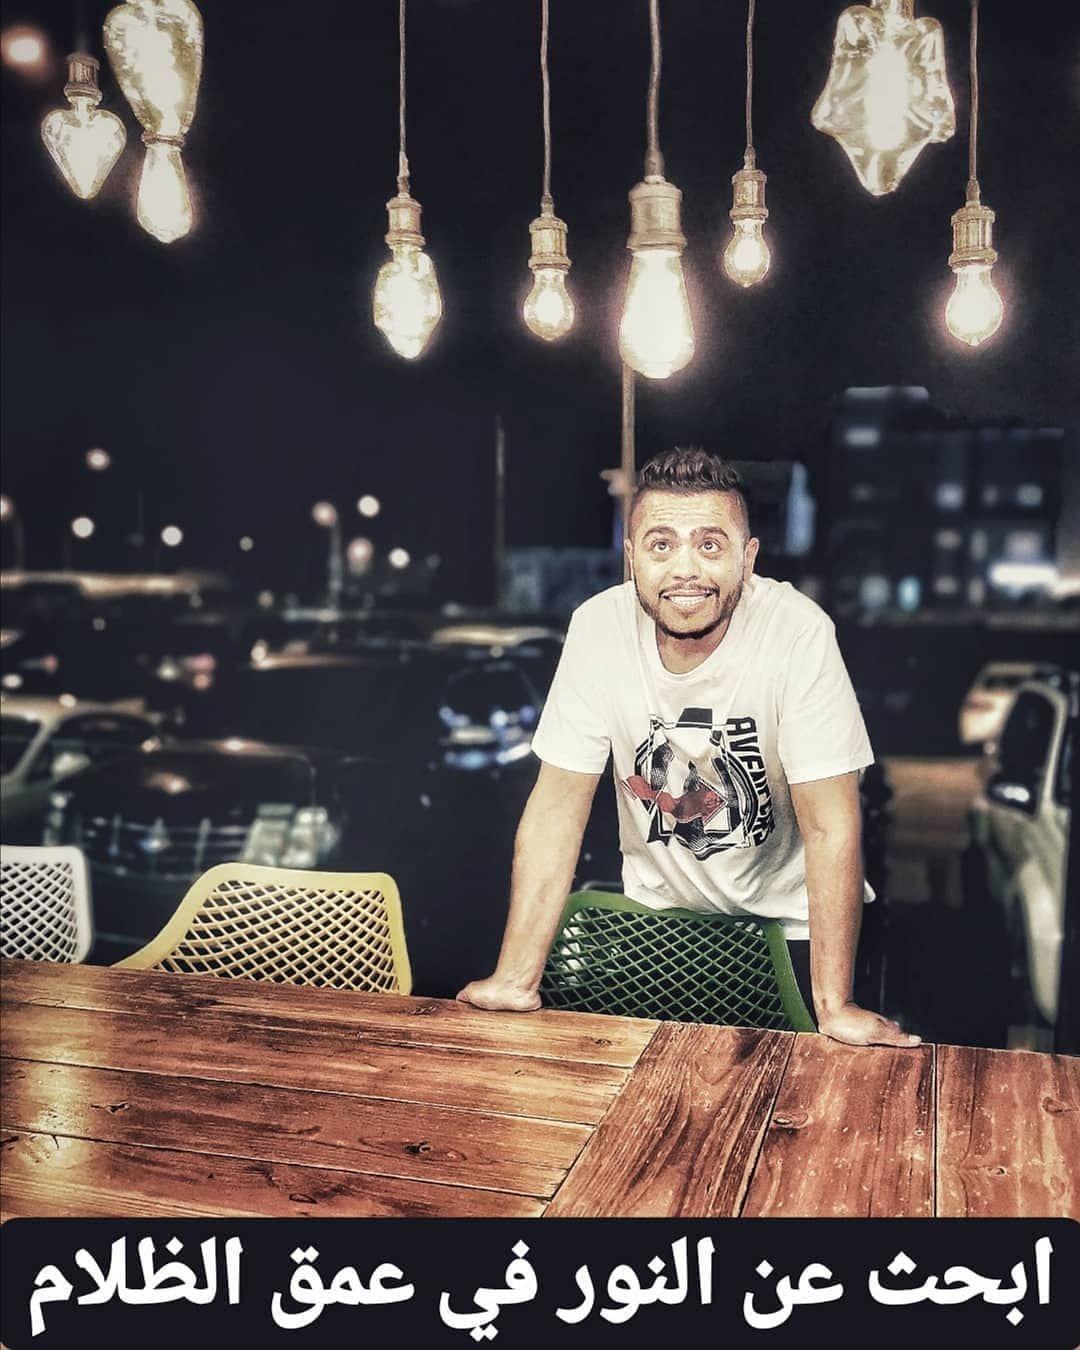 ابحث عن النور في عمق الظلام يوتيوب يوتيوبر فلوق جيش تماركوف اليوتيوب تصميم تصوير مشاهير العرب مشاهير سناب مصمم خا Mens Tshirts Mens Tops Men